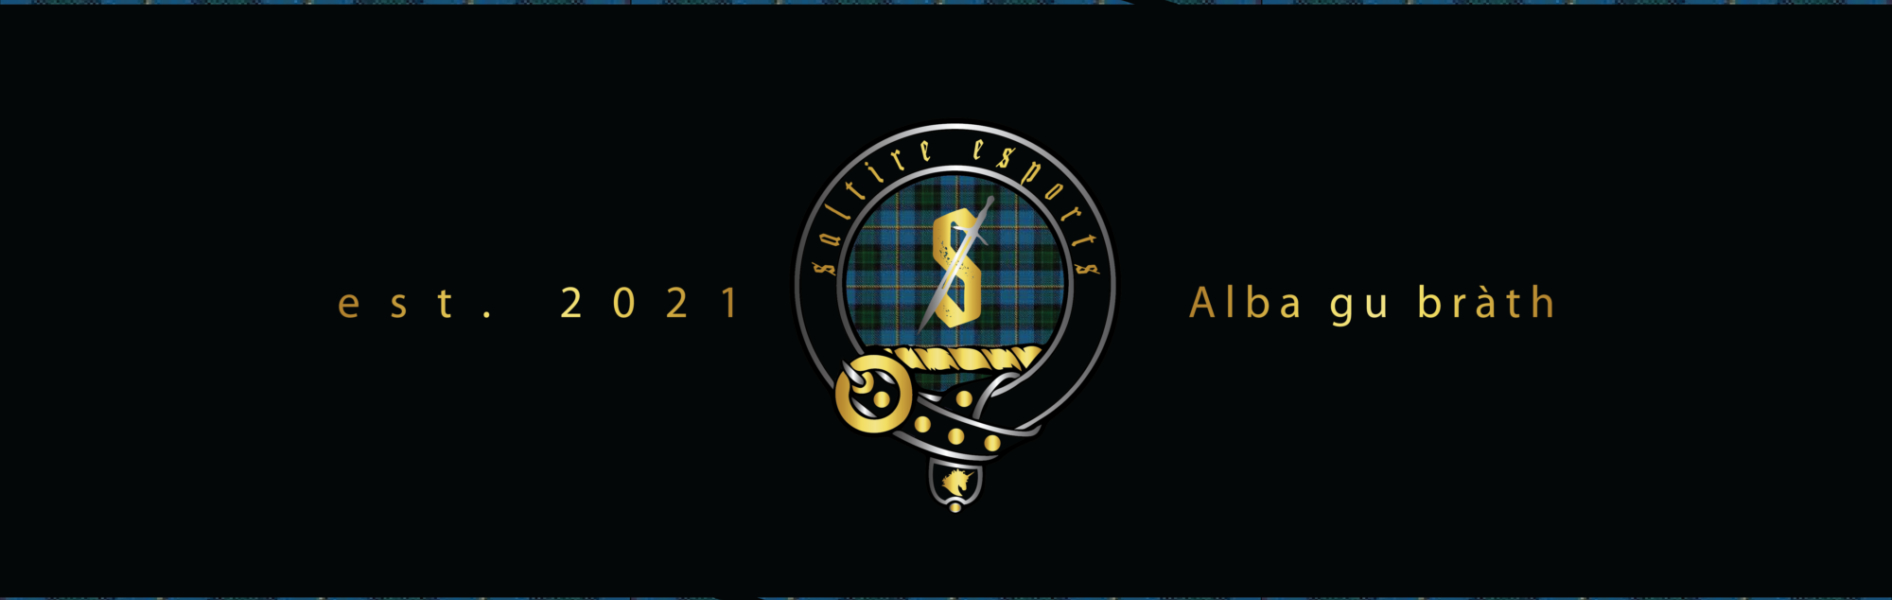 Saltire Esports Banner